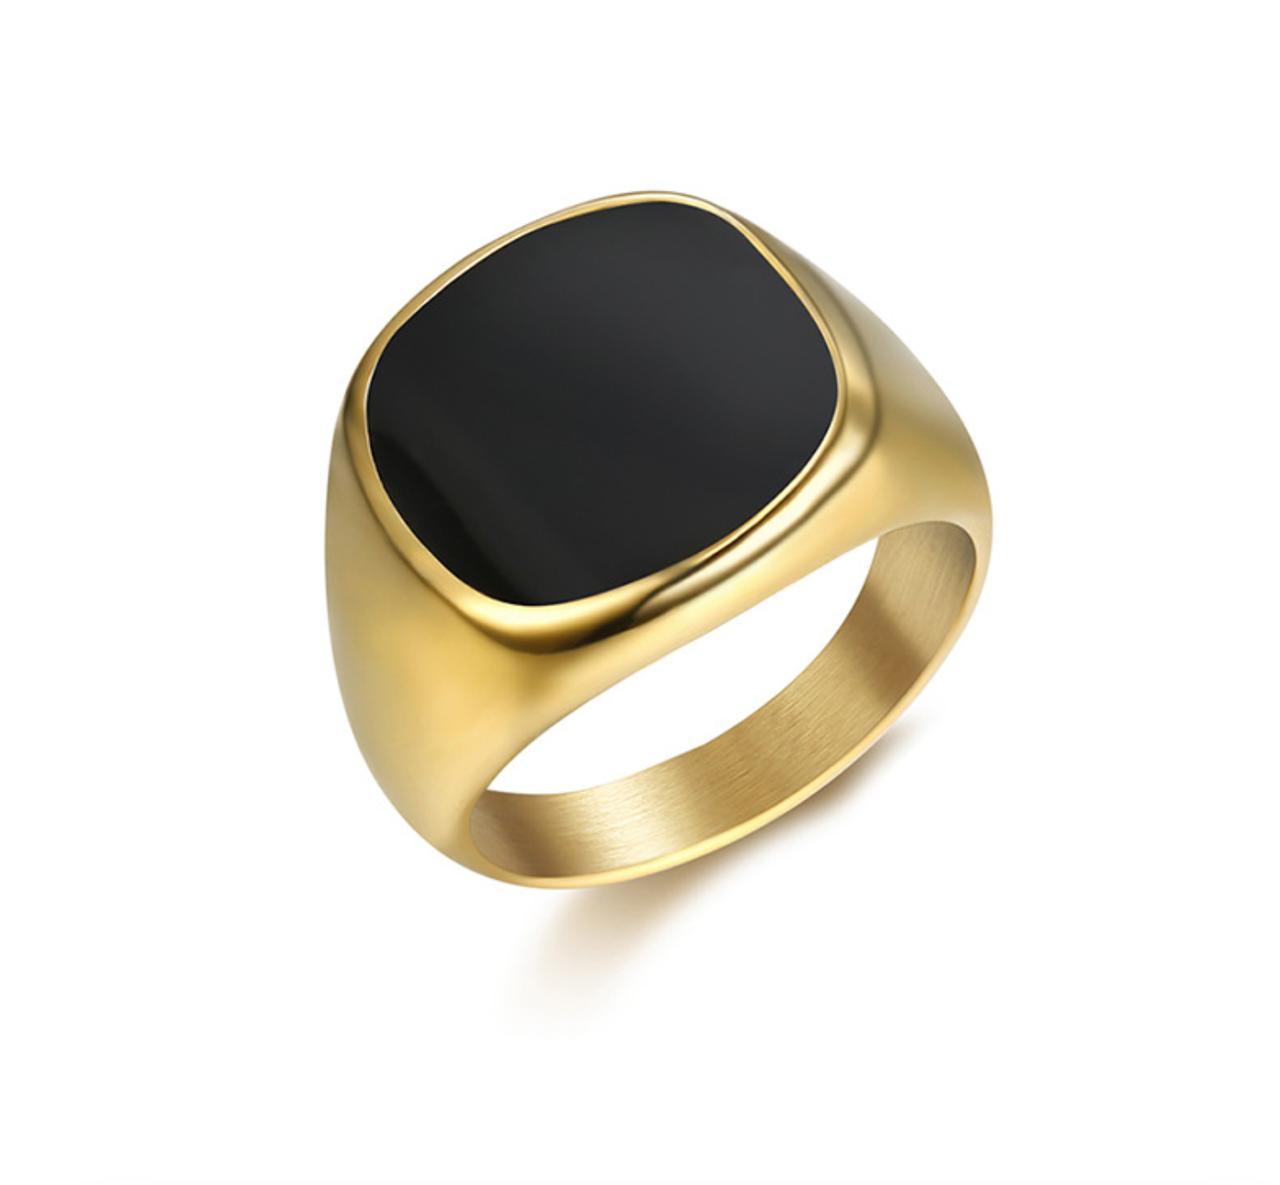 Кільце Чоловіче Жіноче City-A Розмір 17.5 колір Золоте Чорний Онікс Перстень Печатка Вінтаж №3168